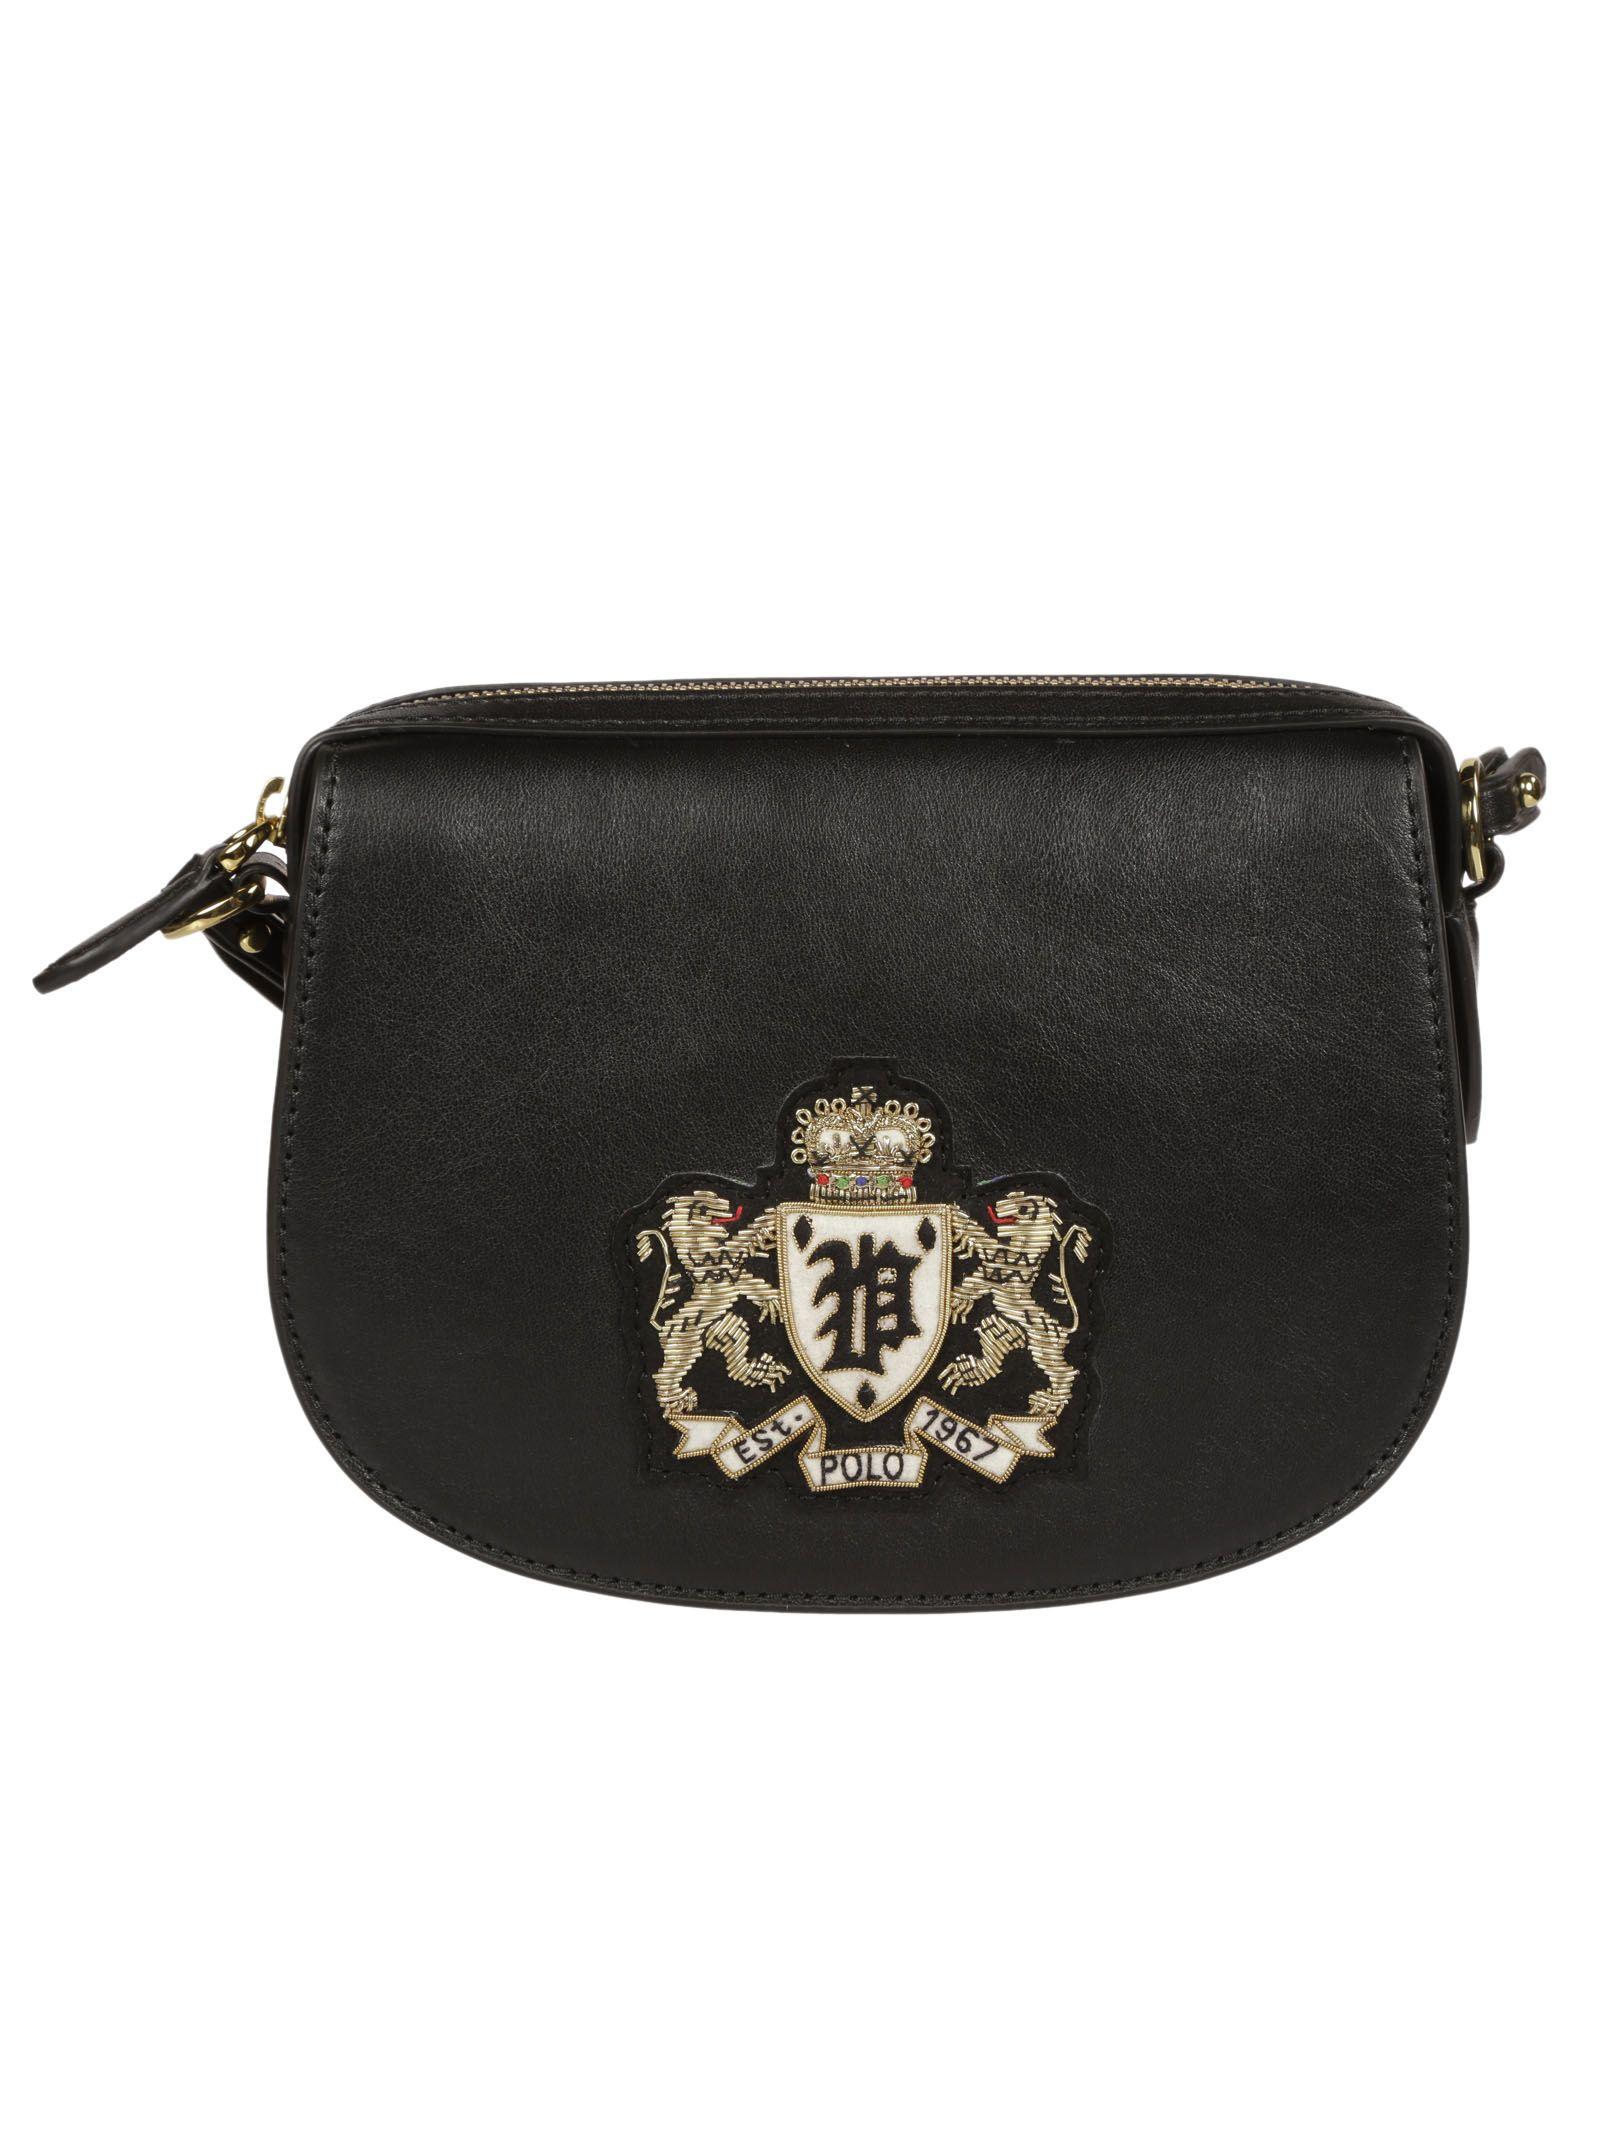 Ralph Lauren Appliqué Detail Shoulder Bag In Black  ce699ac2640cc